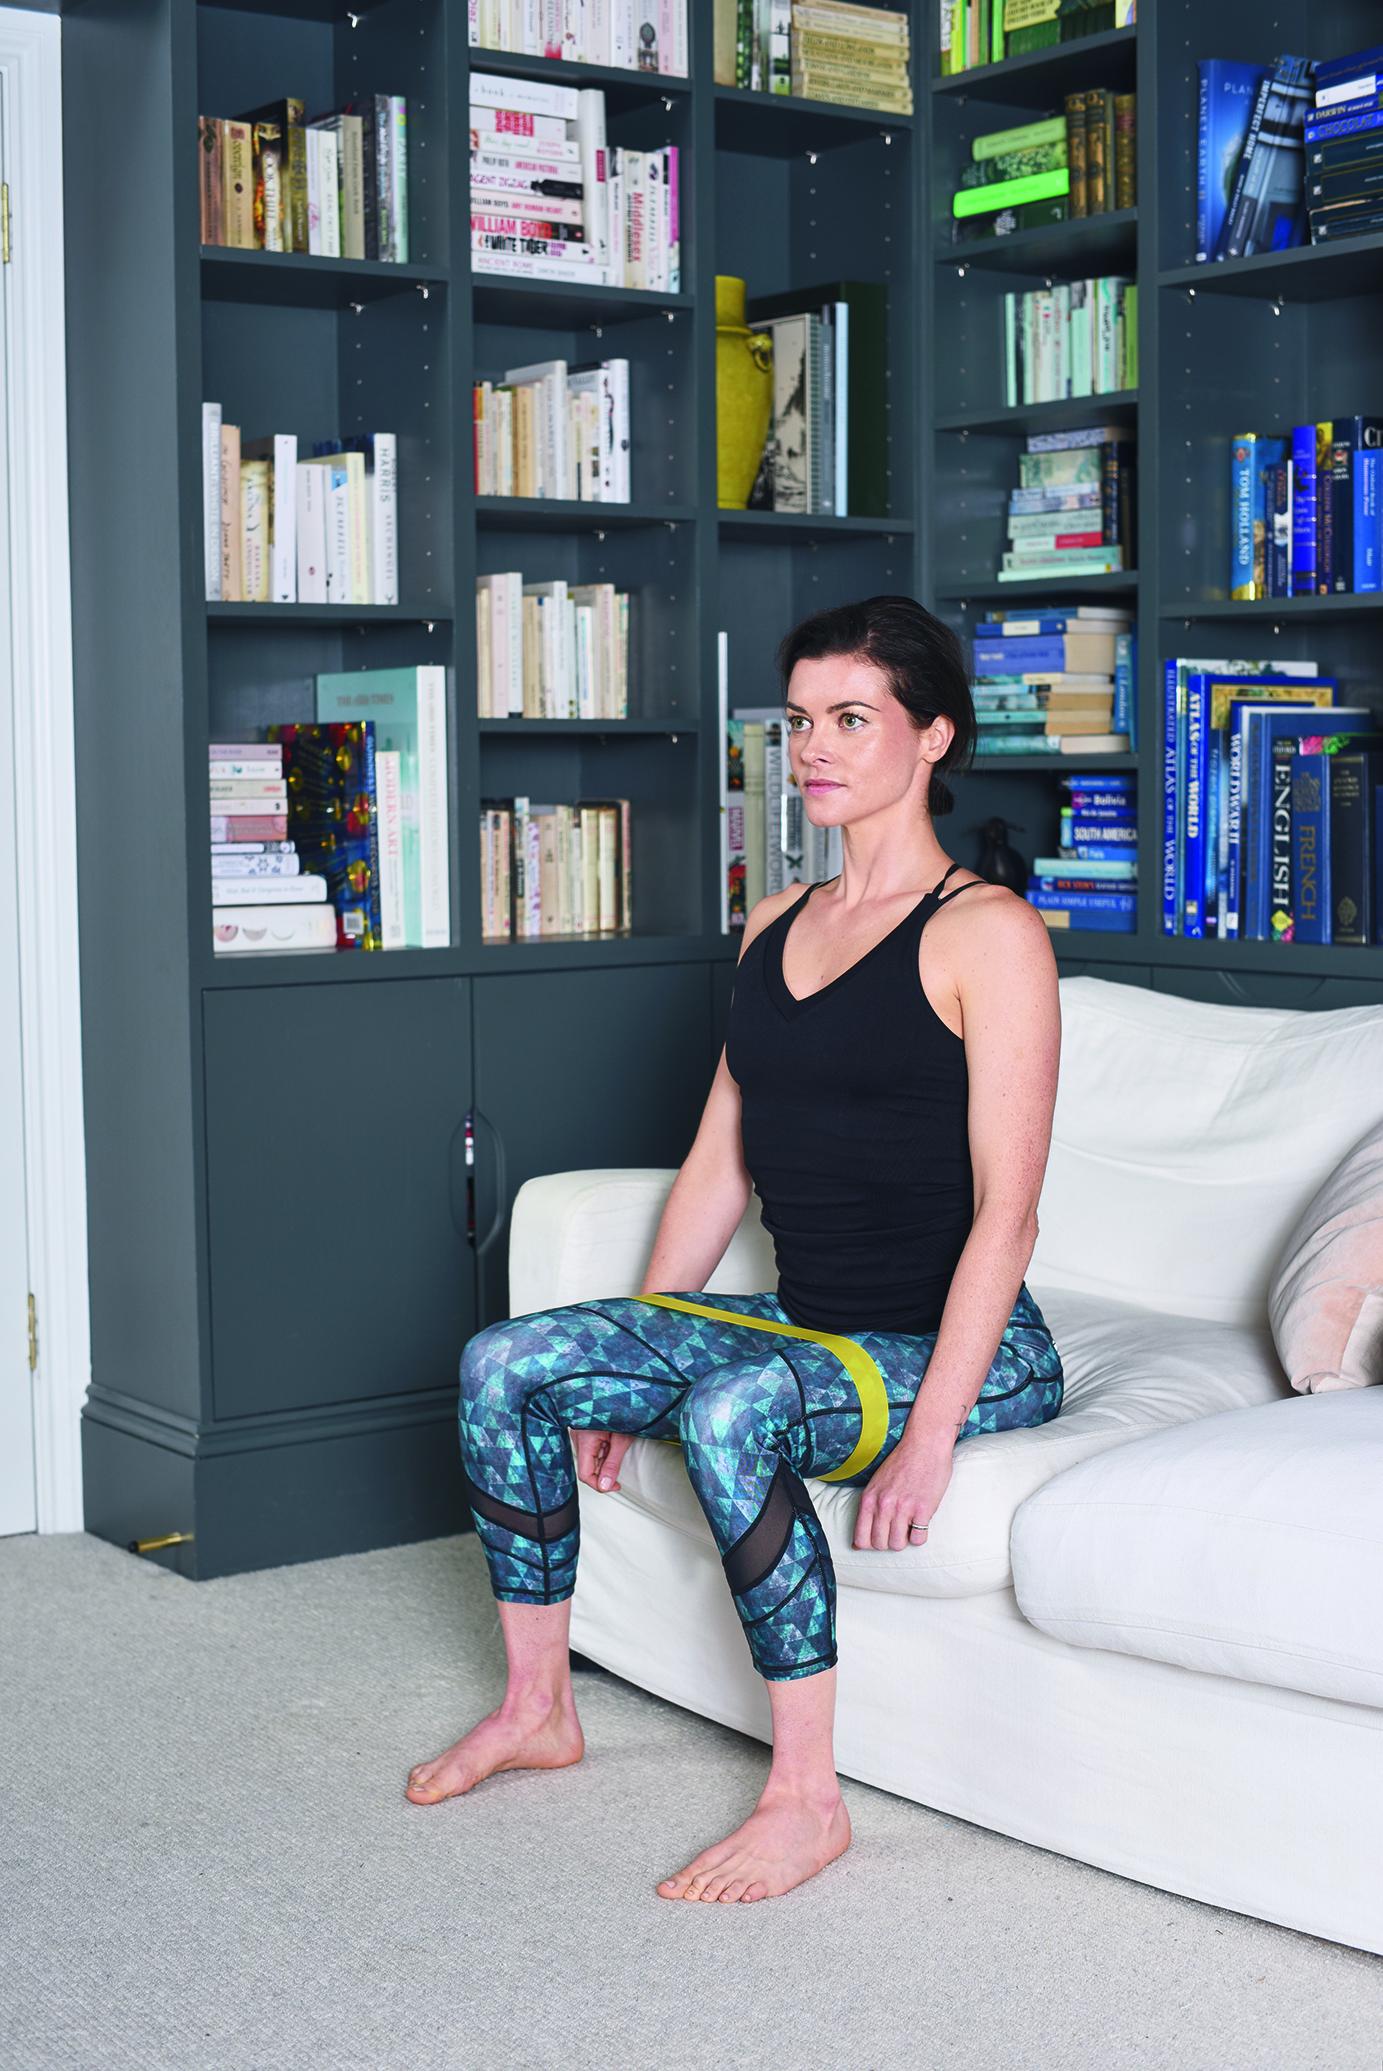 sofa squats